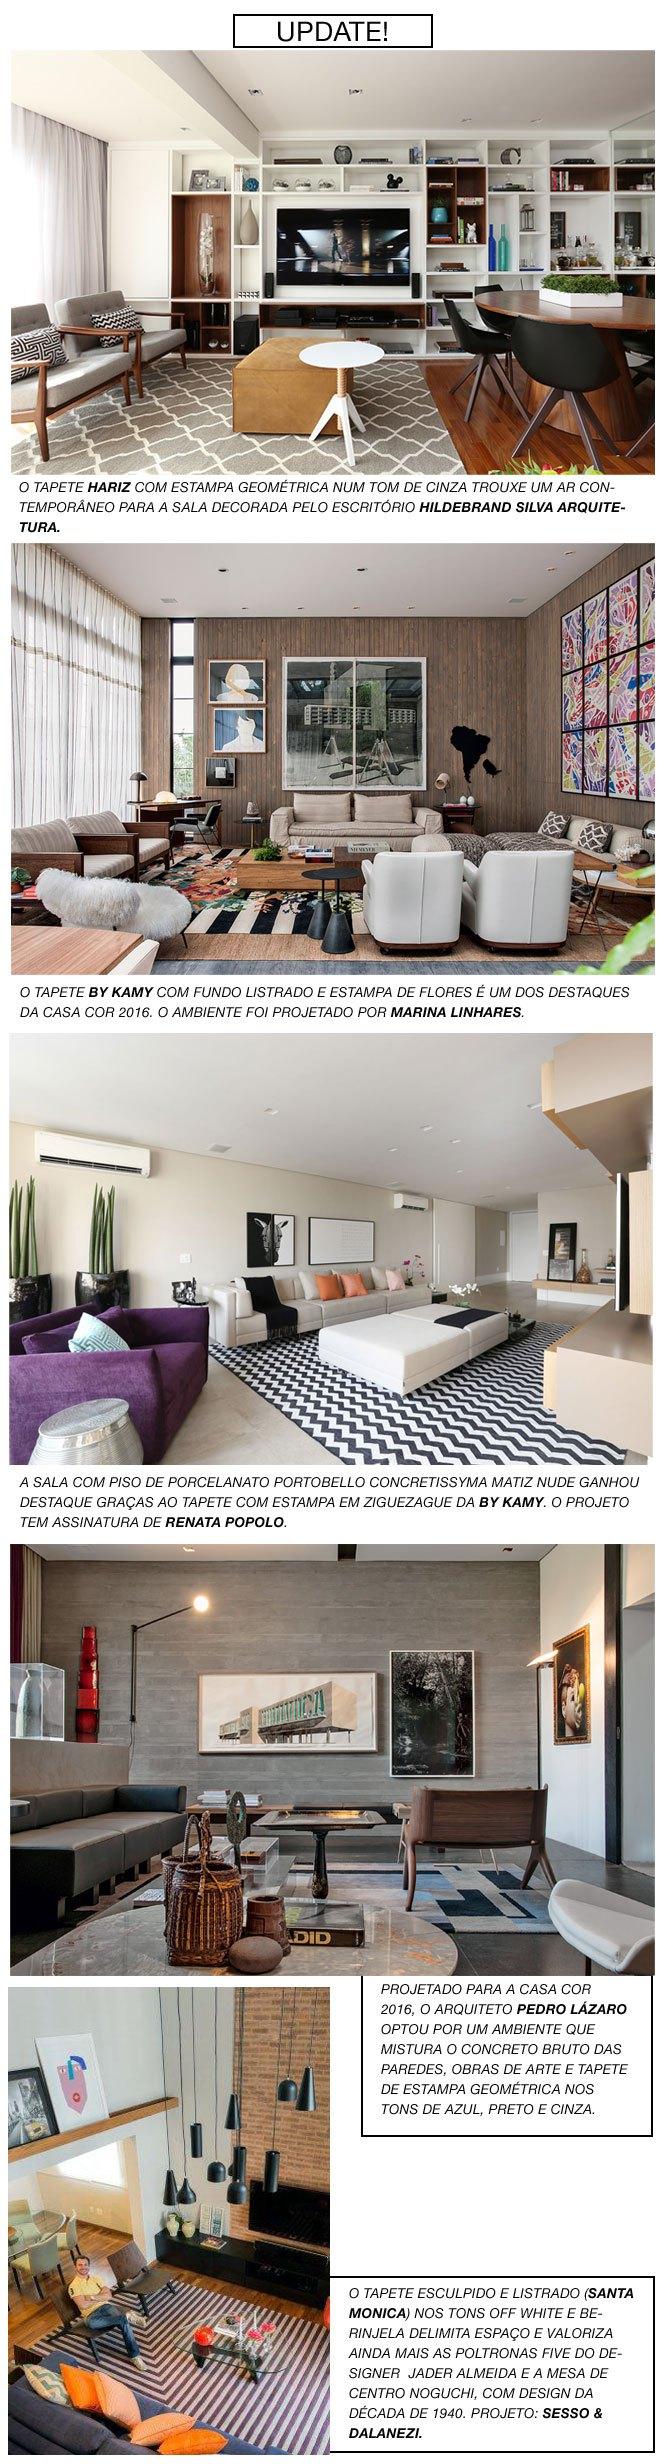 Quer apostar em uma tendência para decorar a casa que nunca sai de moda? Os tapetes com estampa geométrica são atemporais, deixam o lar sofisticado e com um ar contemporâneo. Sejam nas versões em p…